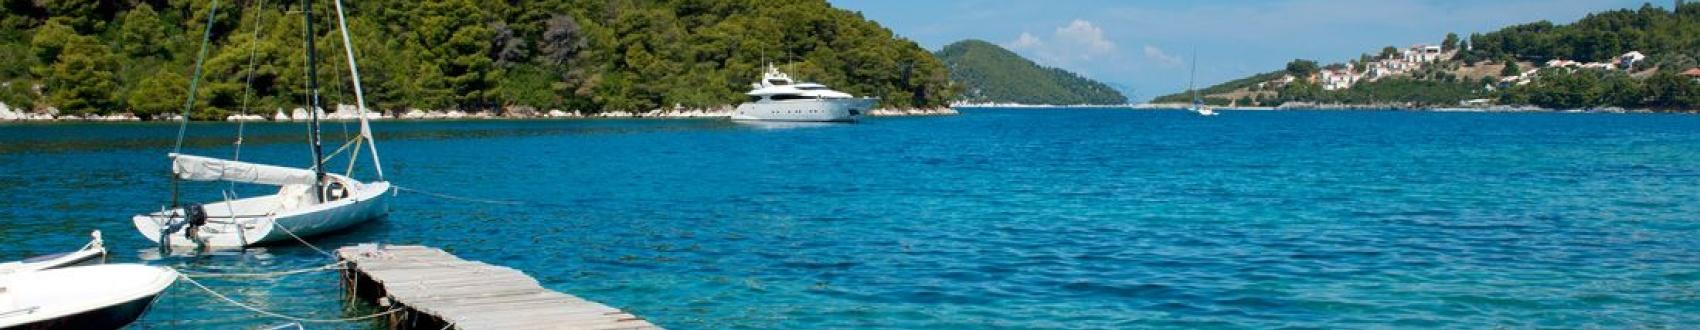 Rejsy turystyczne - Geo-Sail czartery jachtów, organizacja rejsów na całym świecie wakacje pod żaglami, rejsy morskie, czarter jachtów